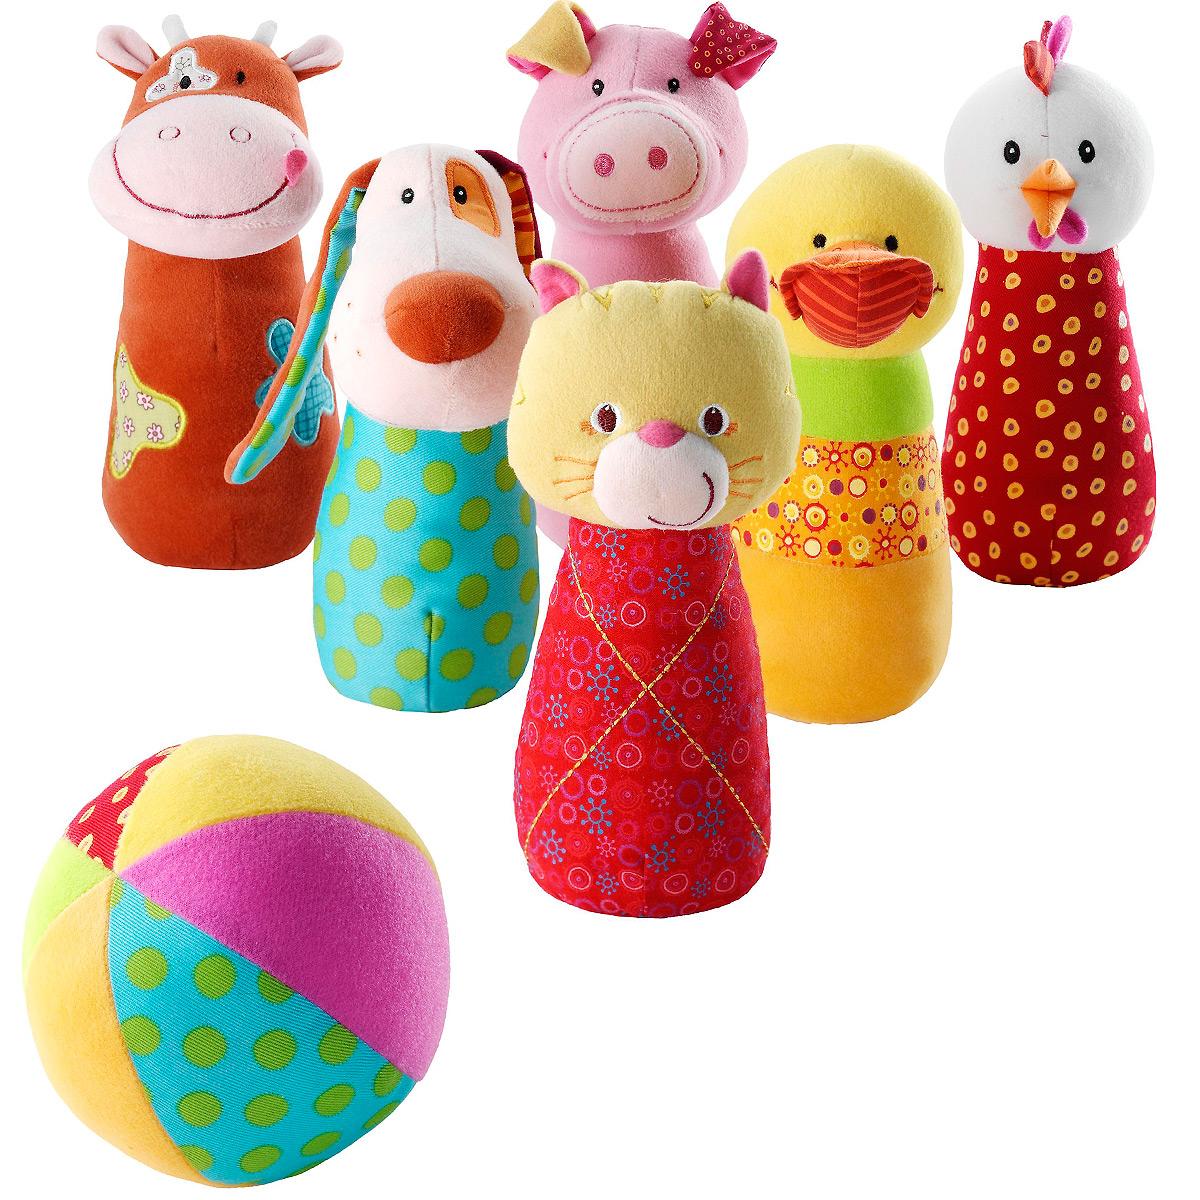 Lilliputiens Игровой набор Боулинг мягкий яигрушка игровой набор боулинг мухоморы и ежик